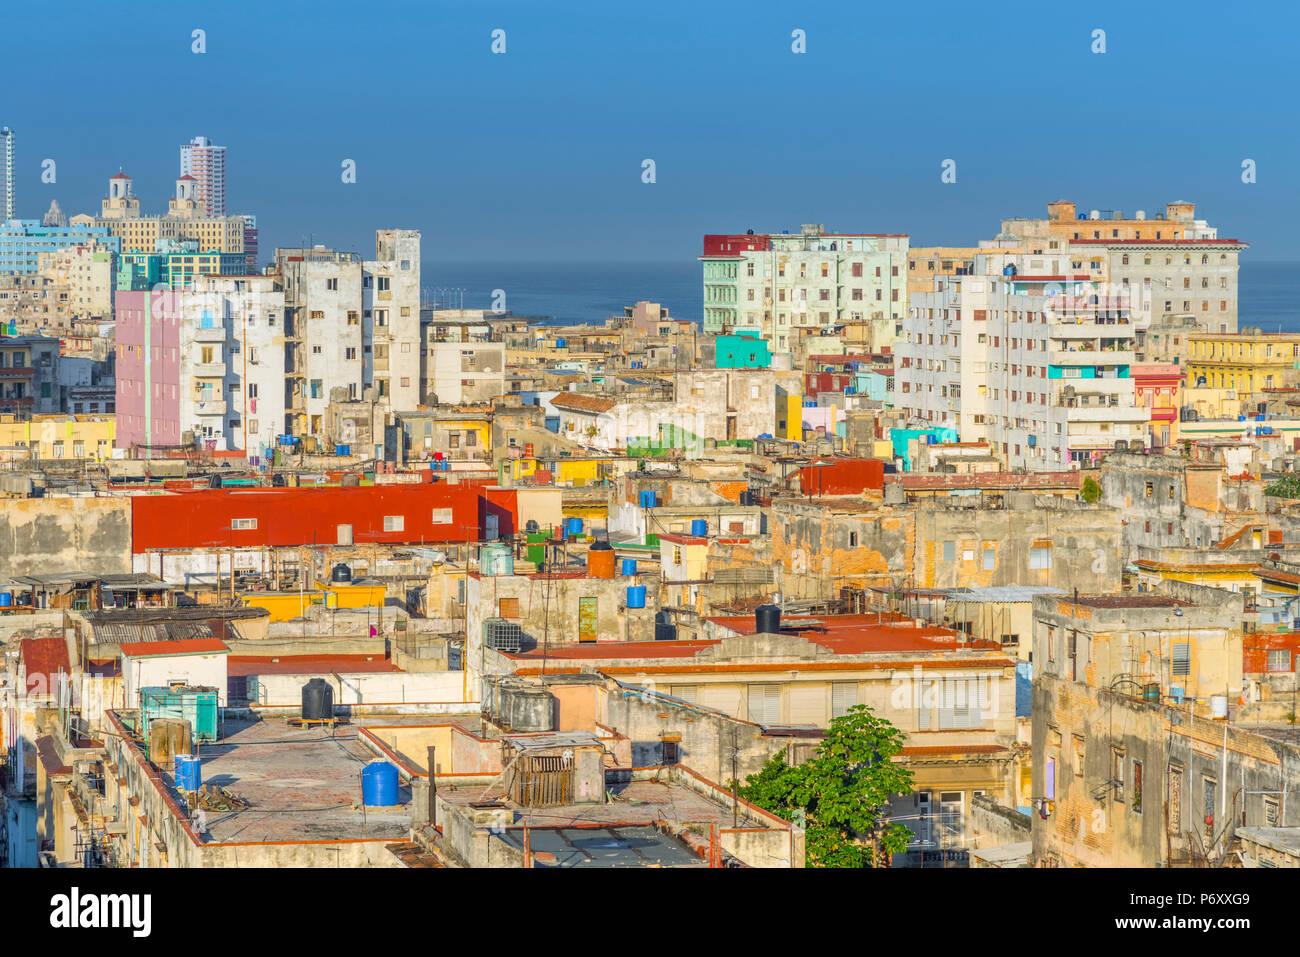 Cuba, Havana, Centro Habana - Stock Image